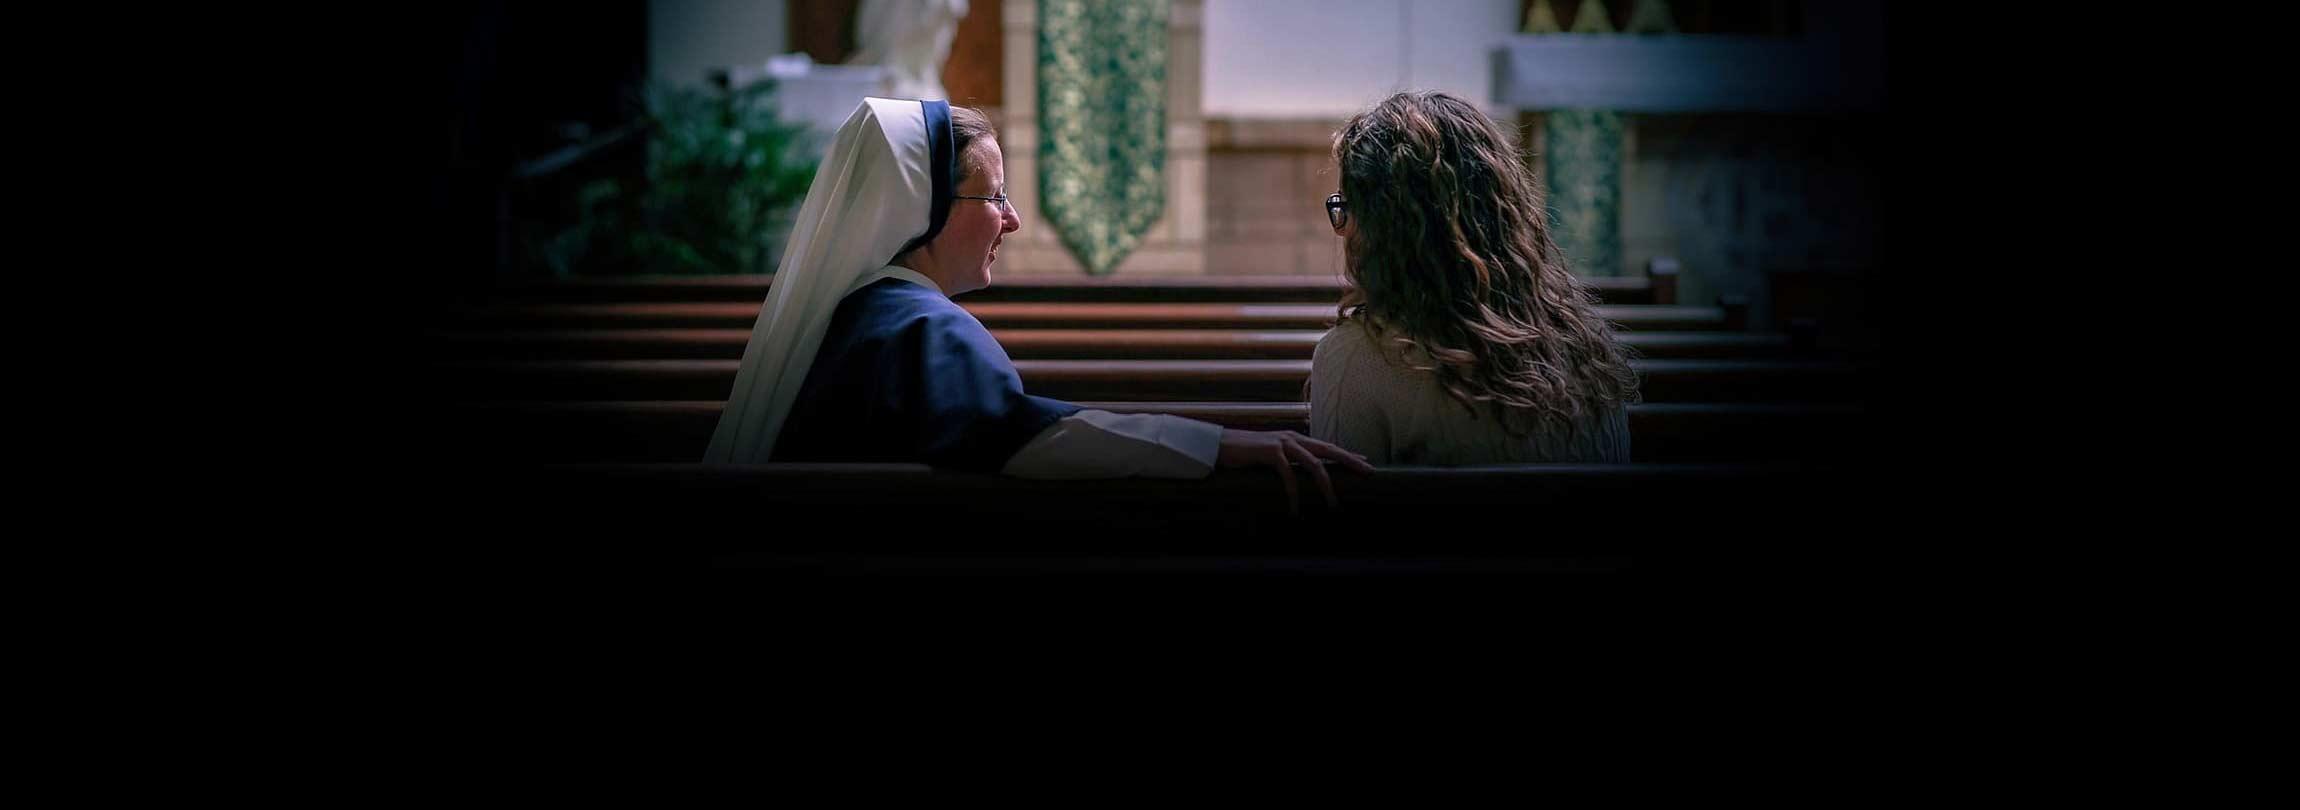 Quatro coisas que os casais podem aprender com a vida religiosa